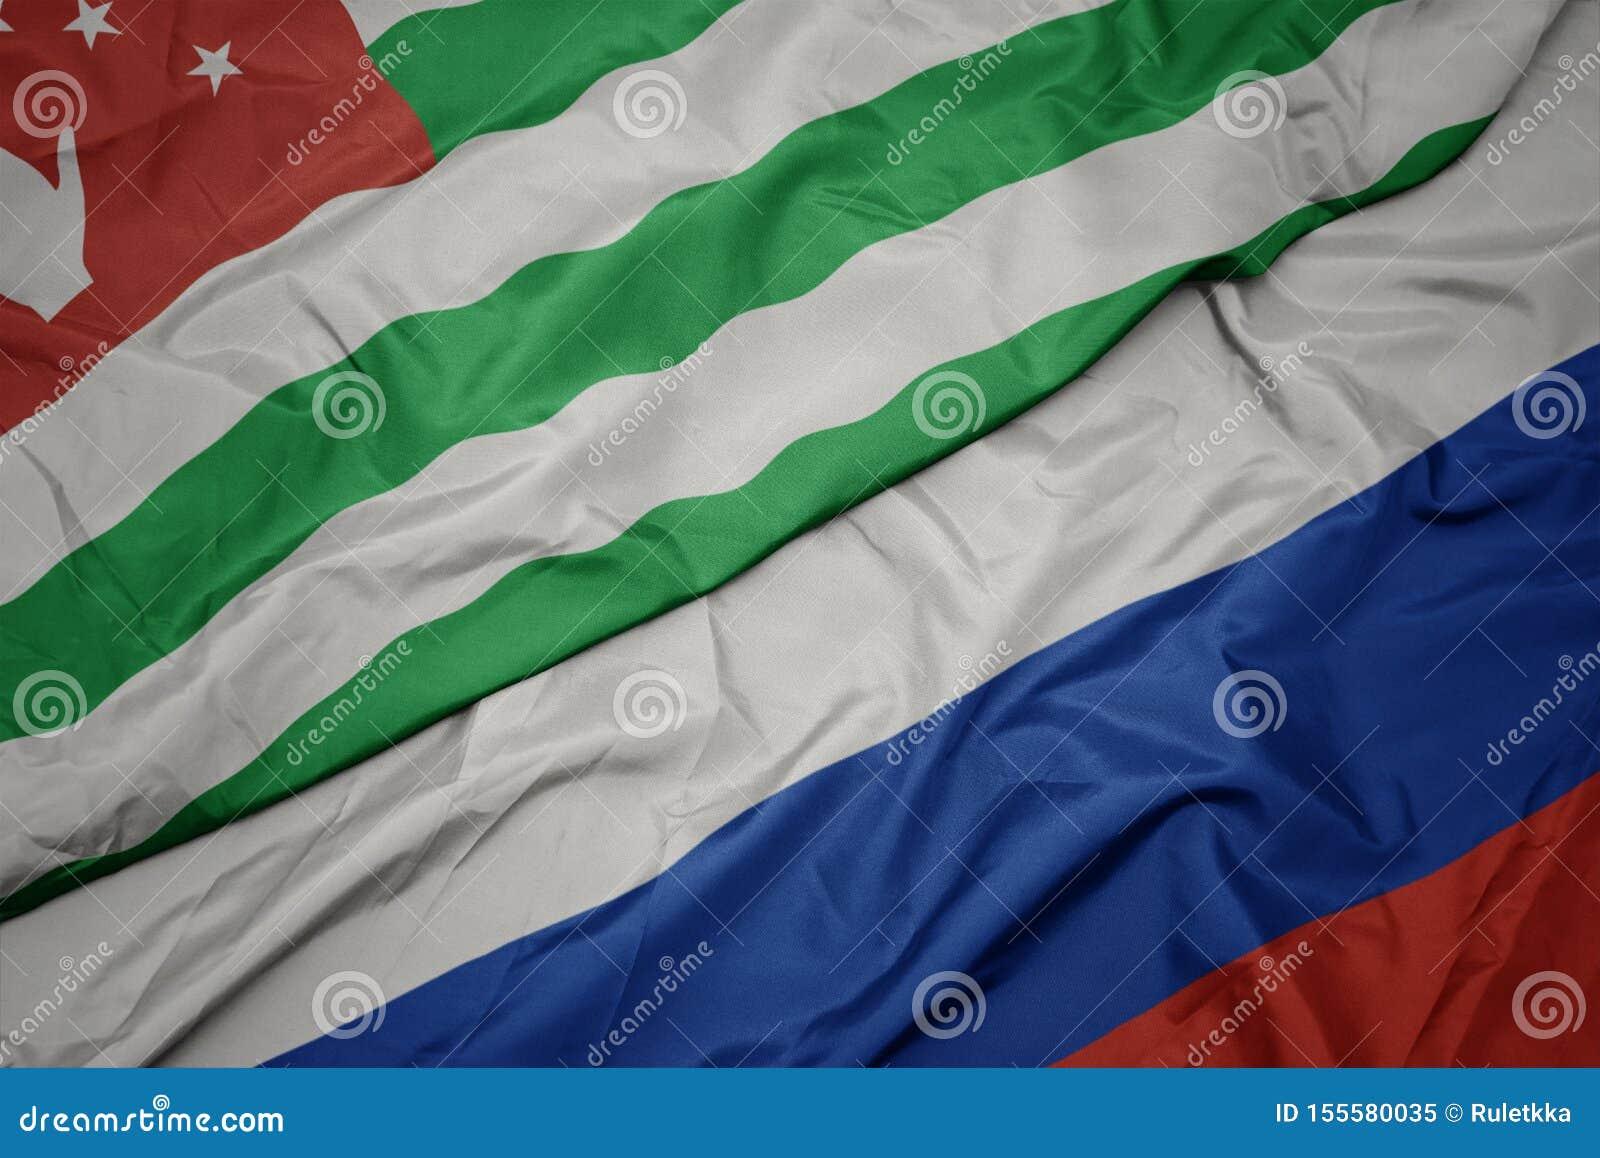 развевая красочный флаг России и национальный флаг абхазии